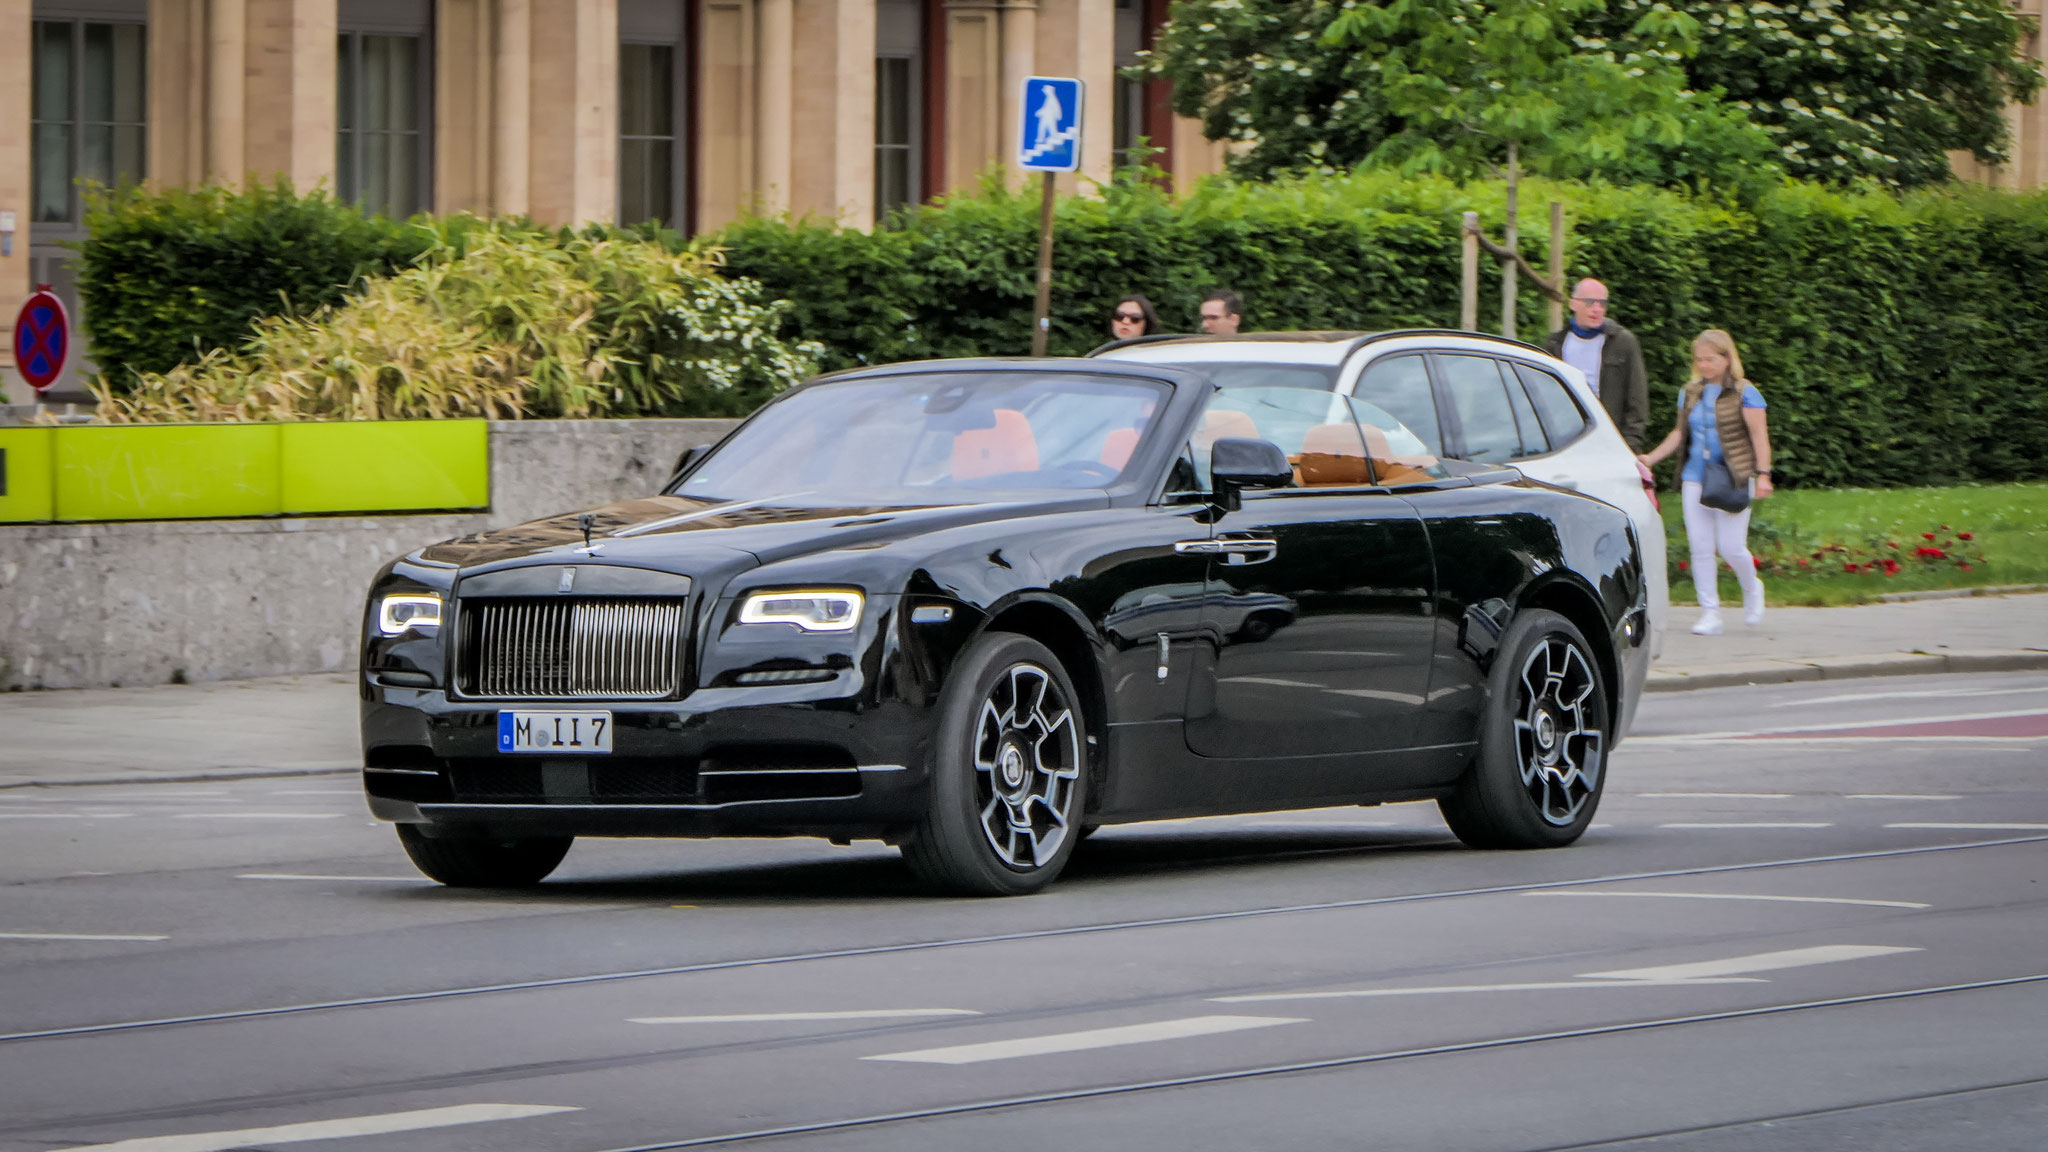 Rolls Royce Dawn - M-II-7